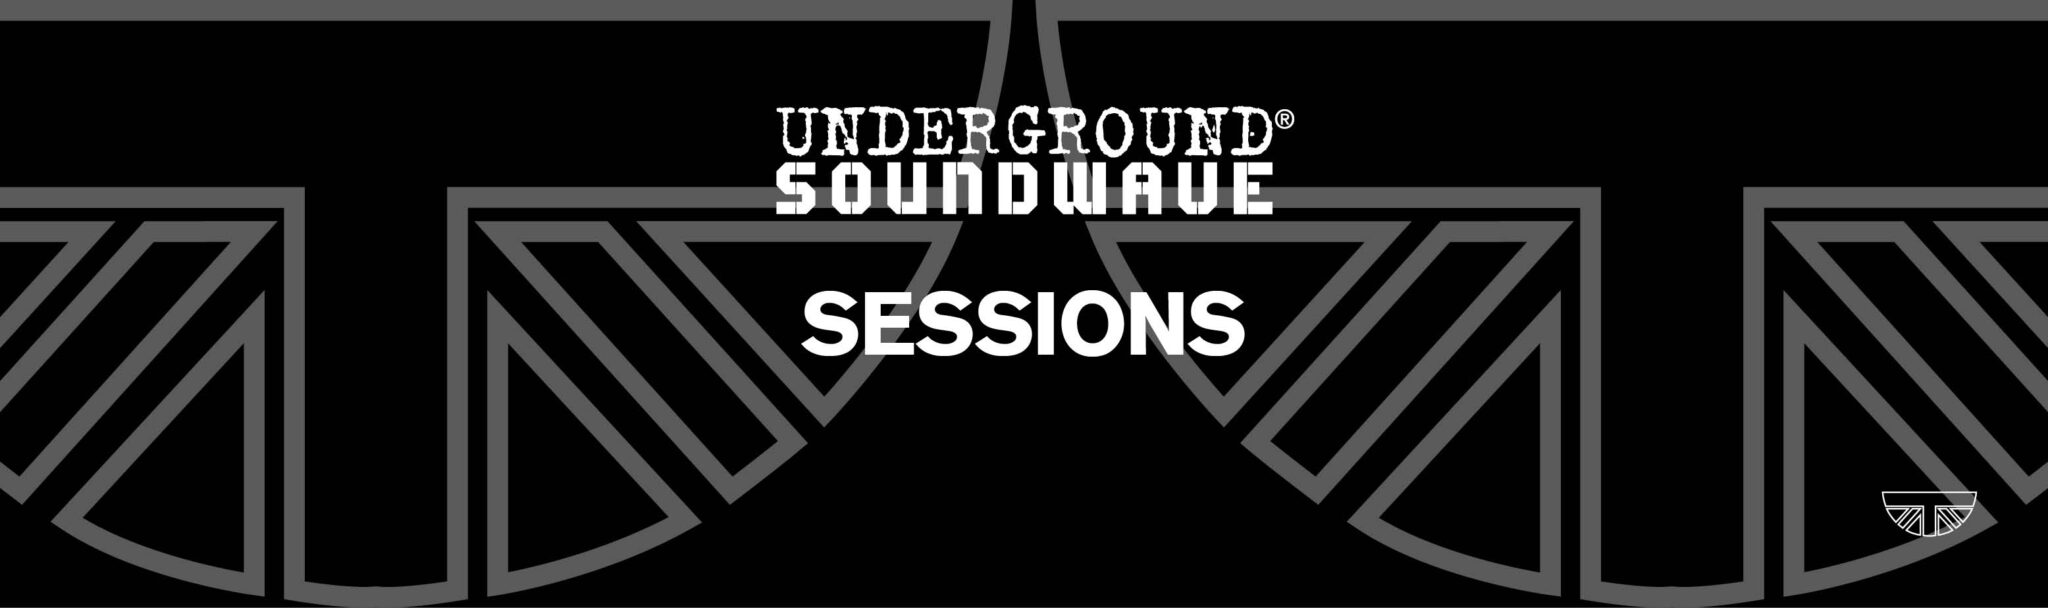 UG Soundwave sessions banner